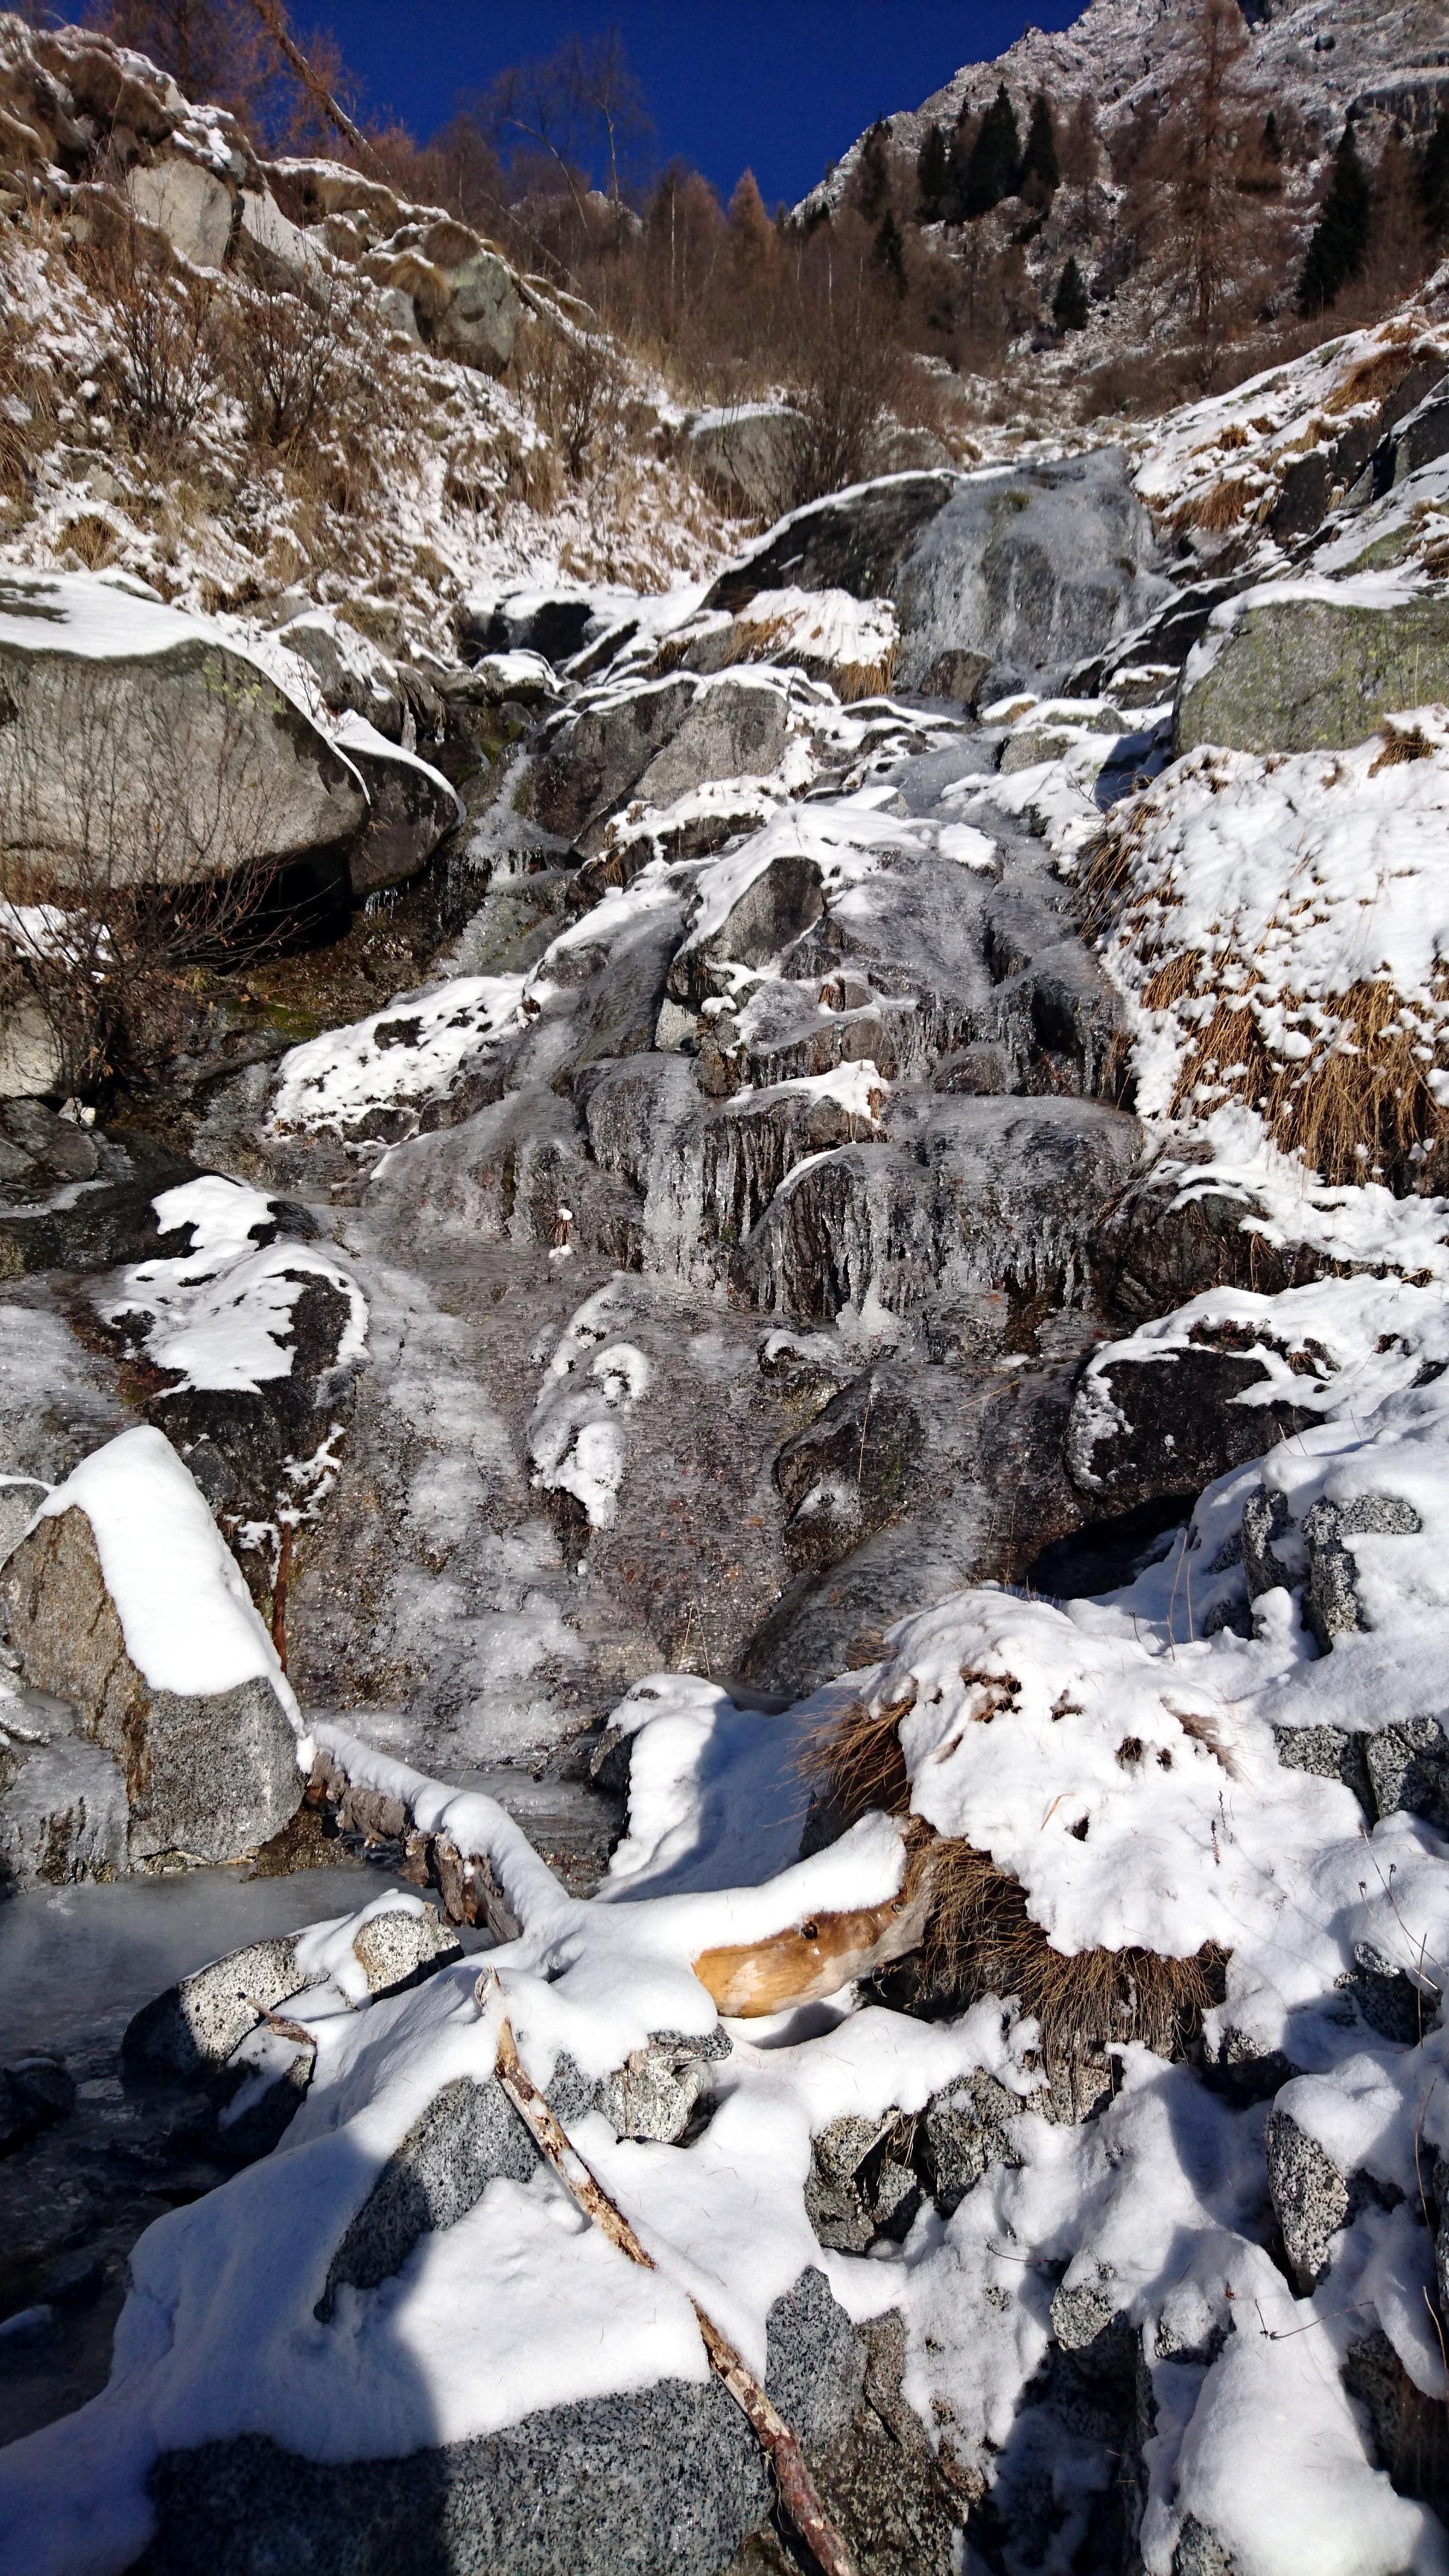 La cascatella che va attraversata per proseguire verso la parte superiore della valle